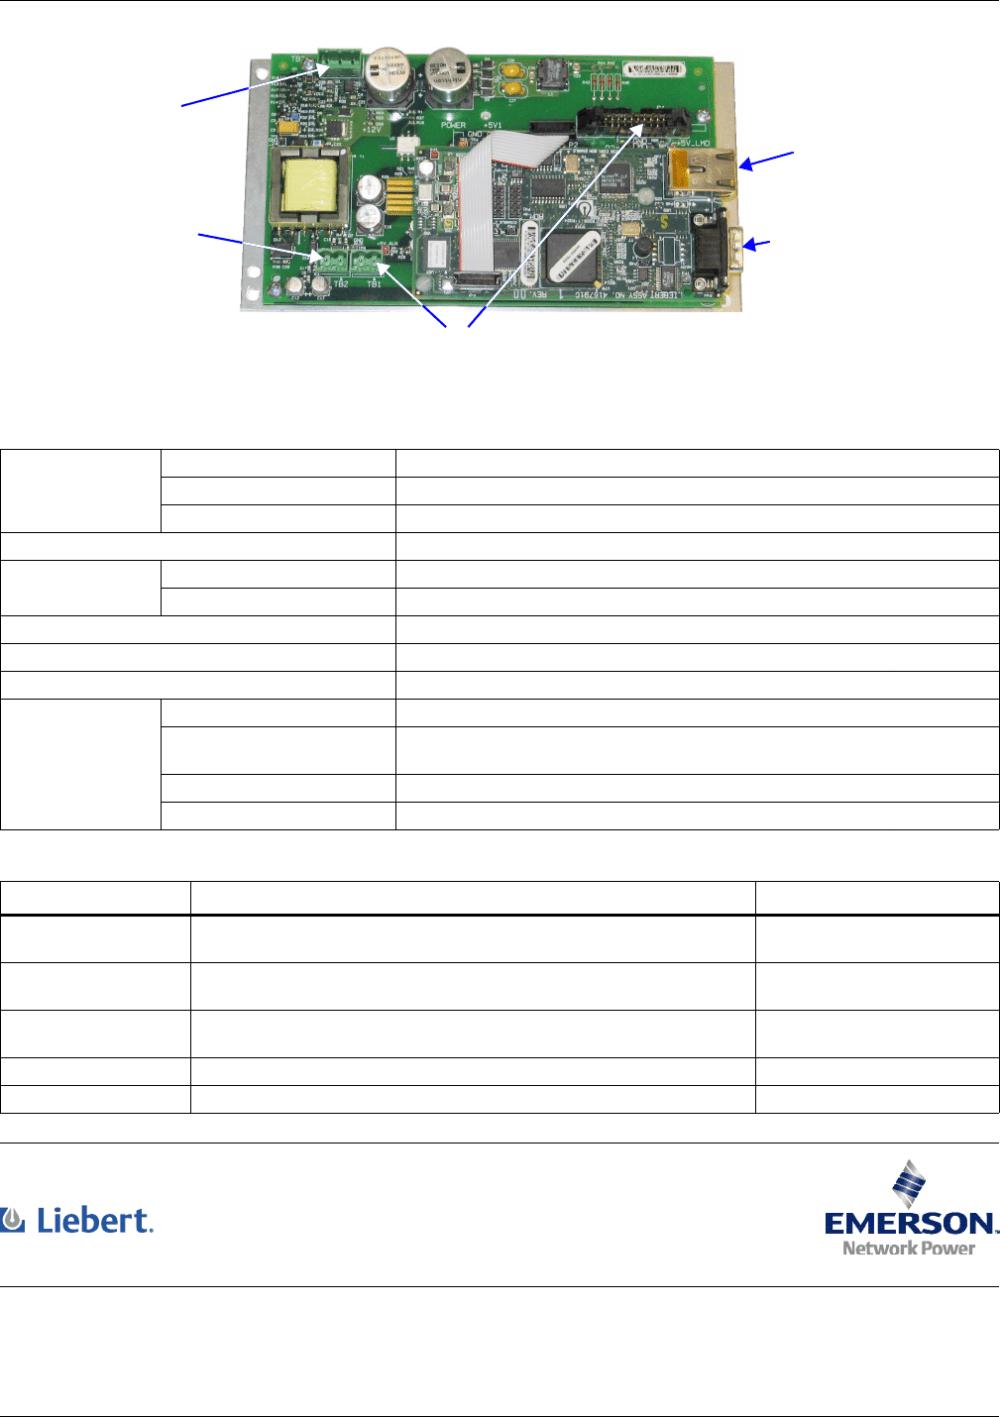 medium resolution of fnr5 wiring diagram 4r55e wiring diagram wiring diagram 06 idendifying fnr5 trans pans motorcraft fnr5